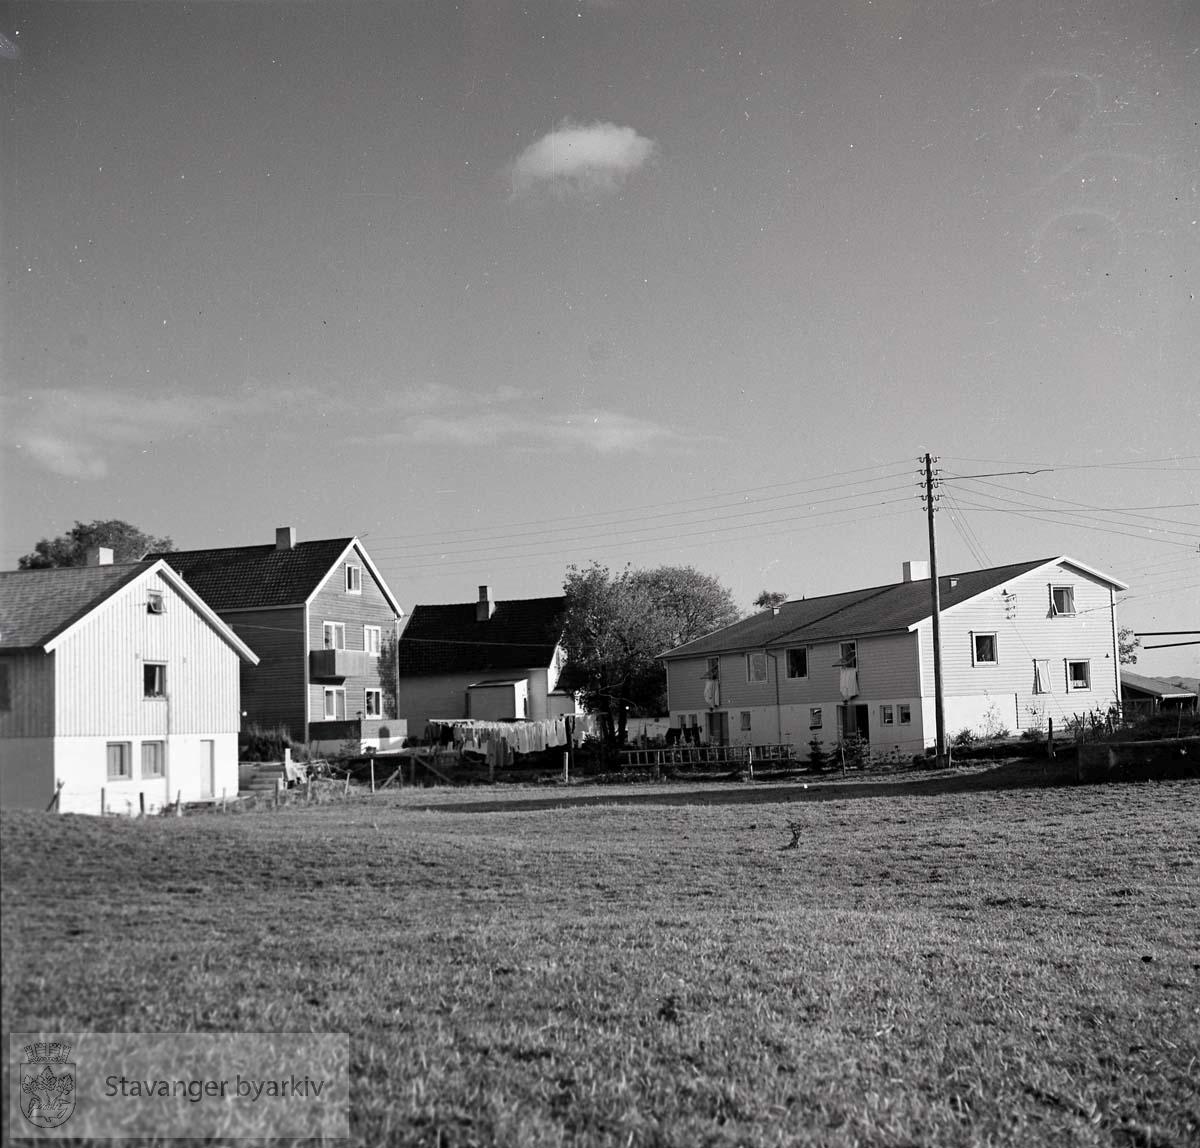 Hus og rekkehus ved Henrik Ibsens gate på Tjensvoll